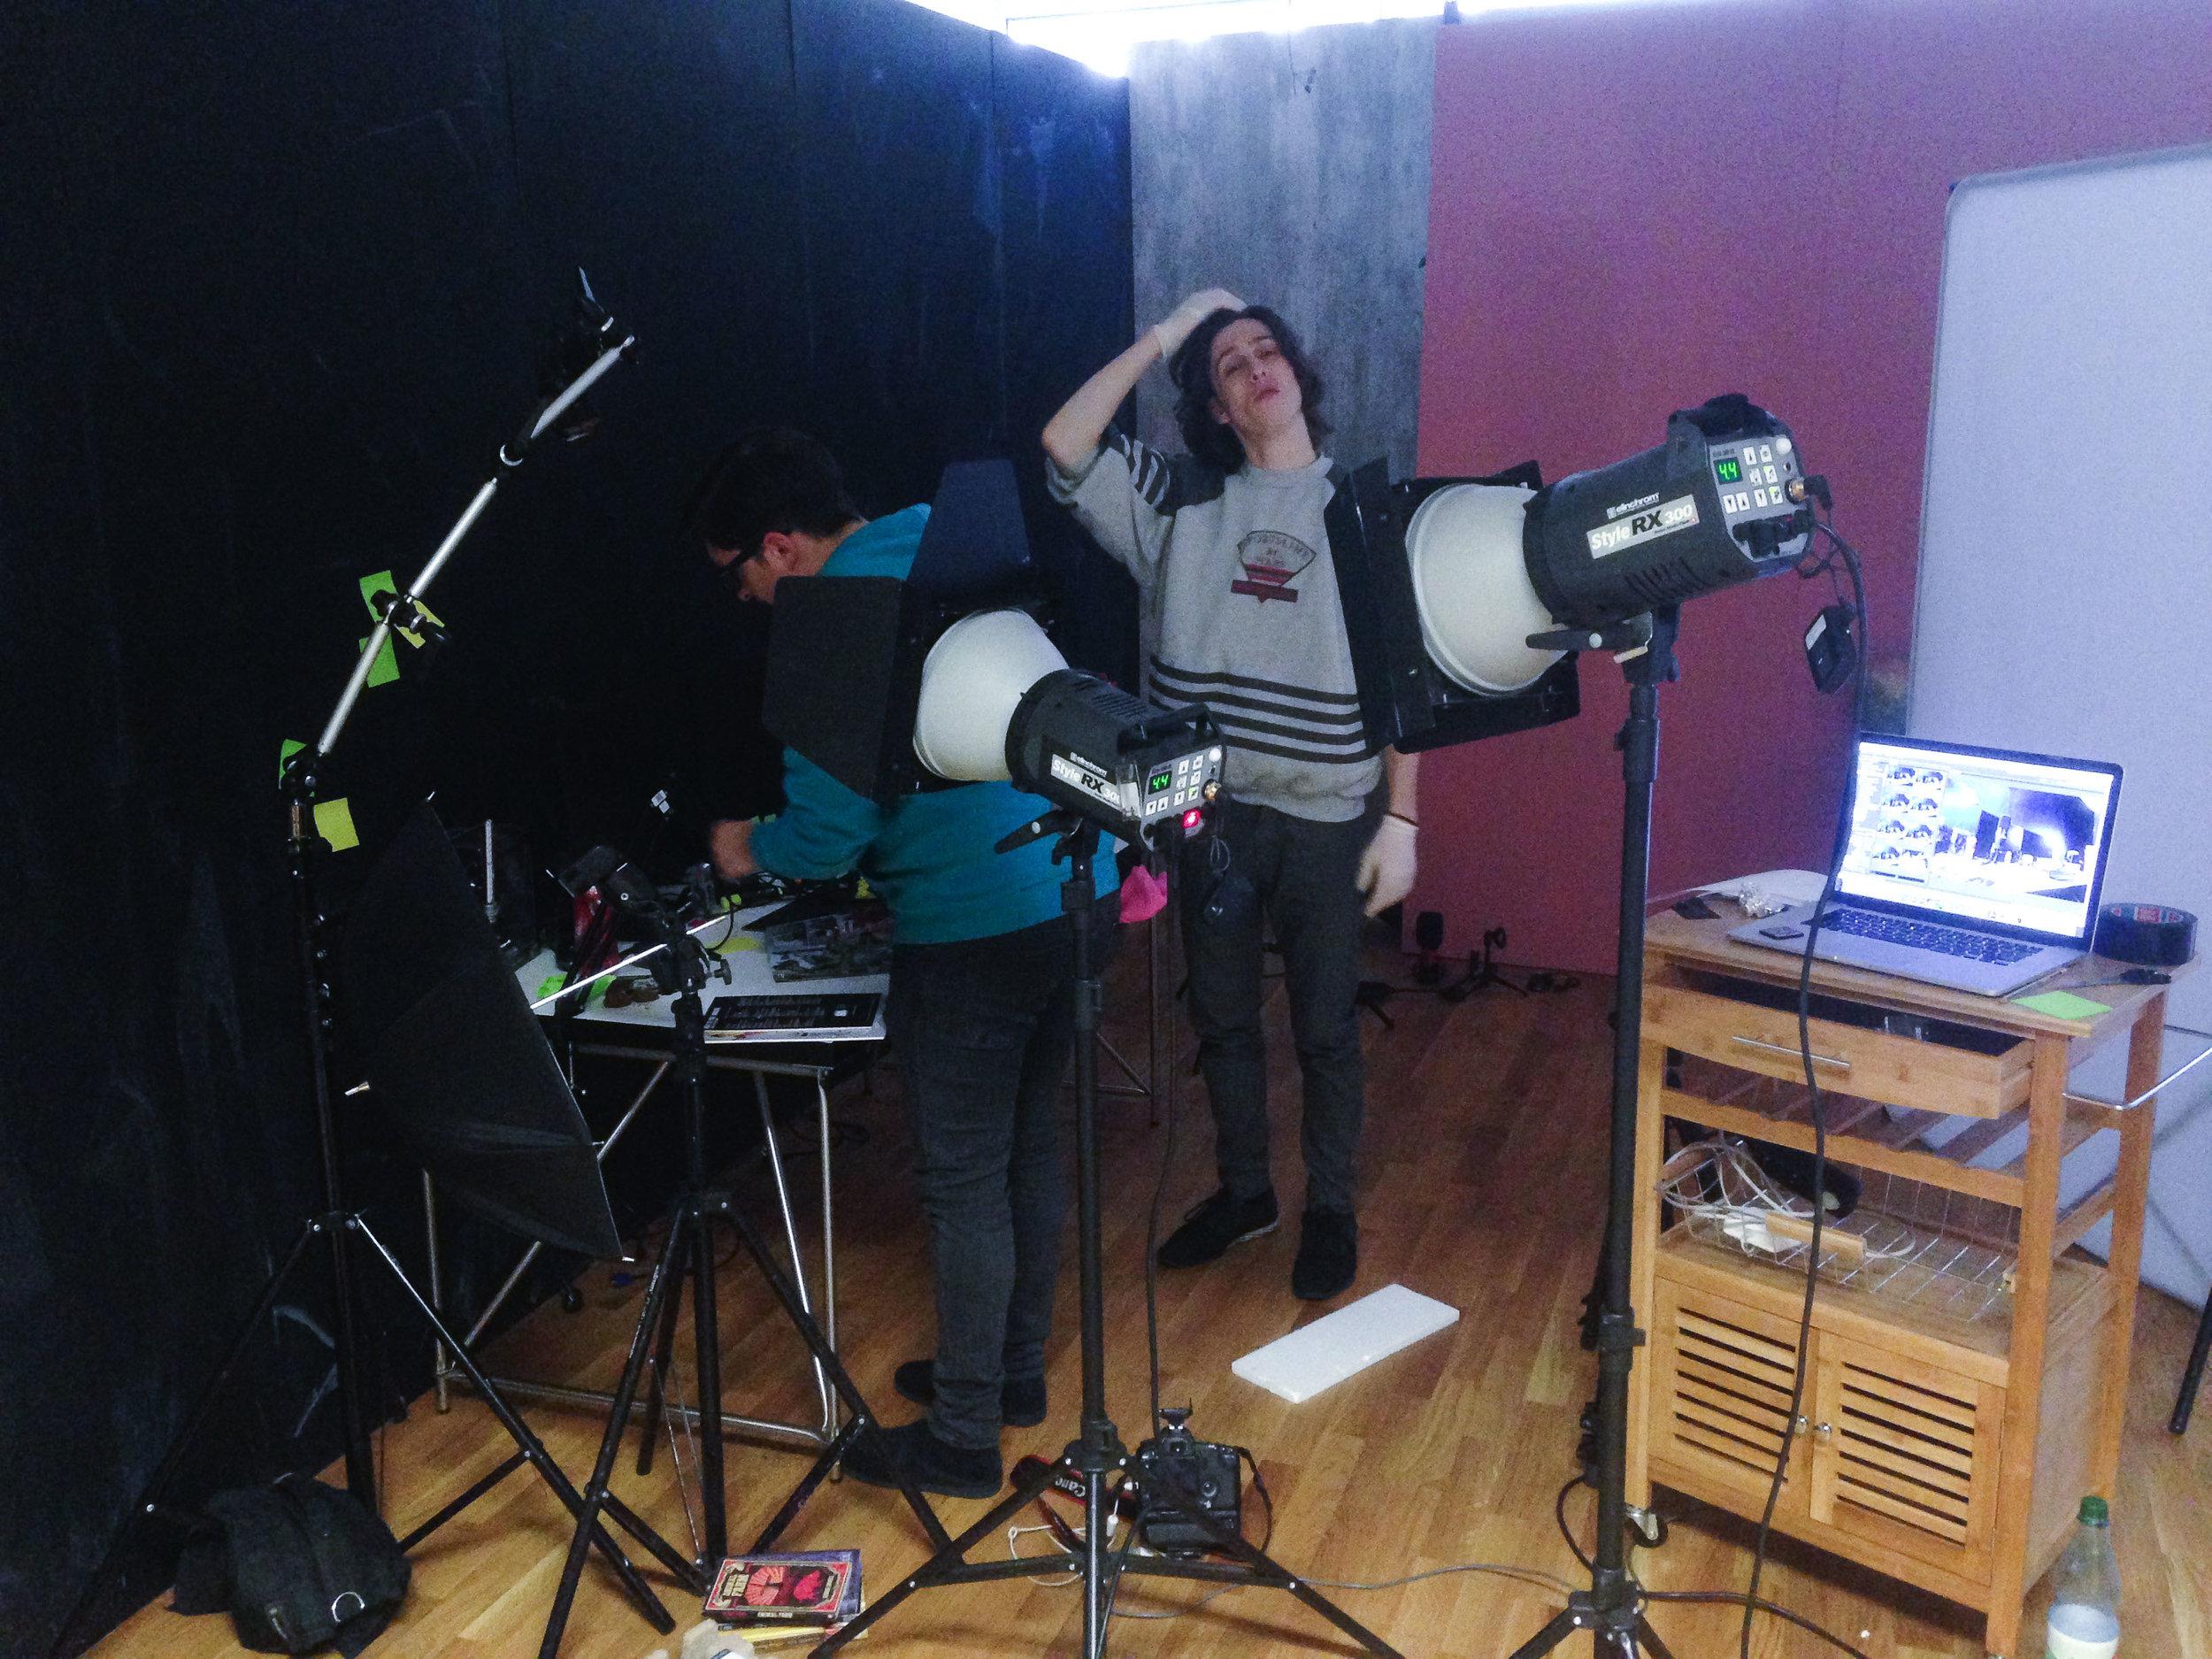 Fotograf Backstage Phil Meinwelt0576.jpg